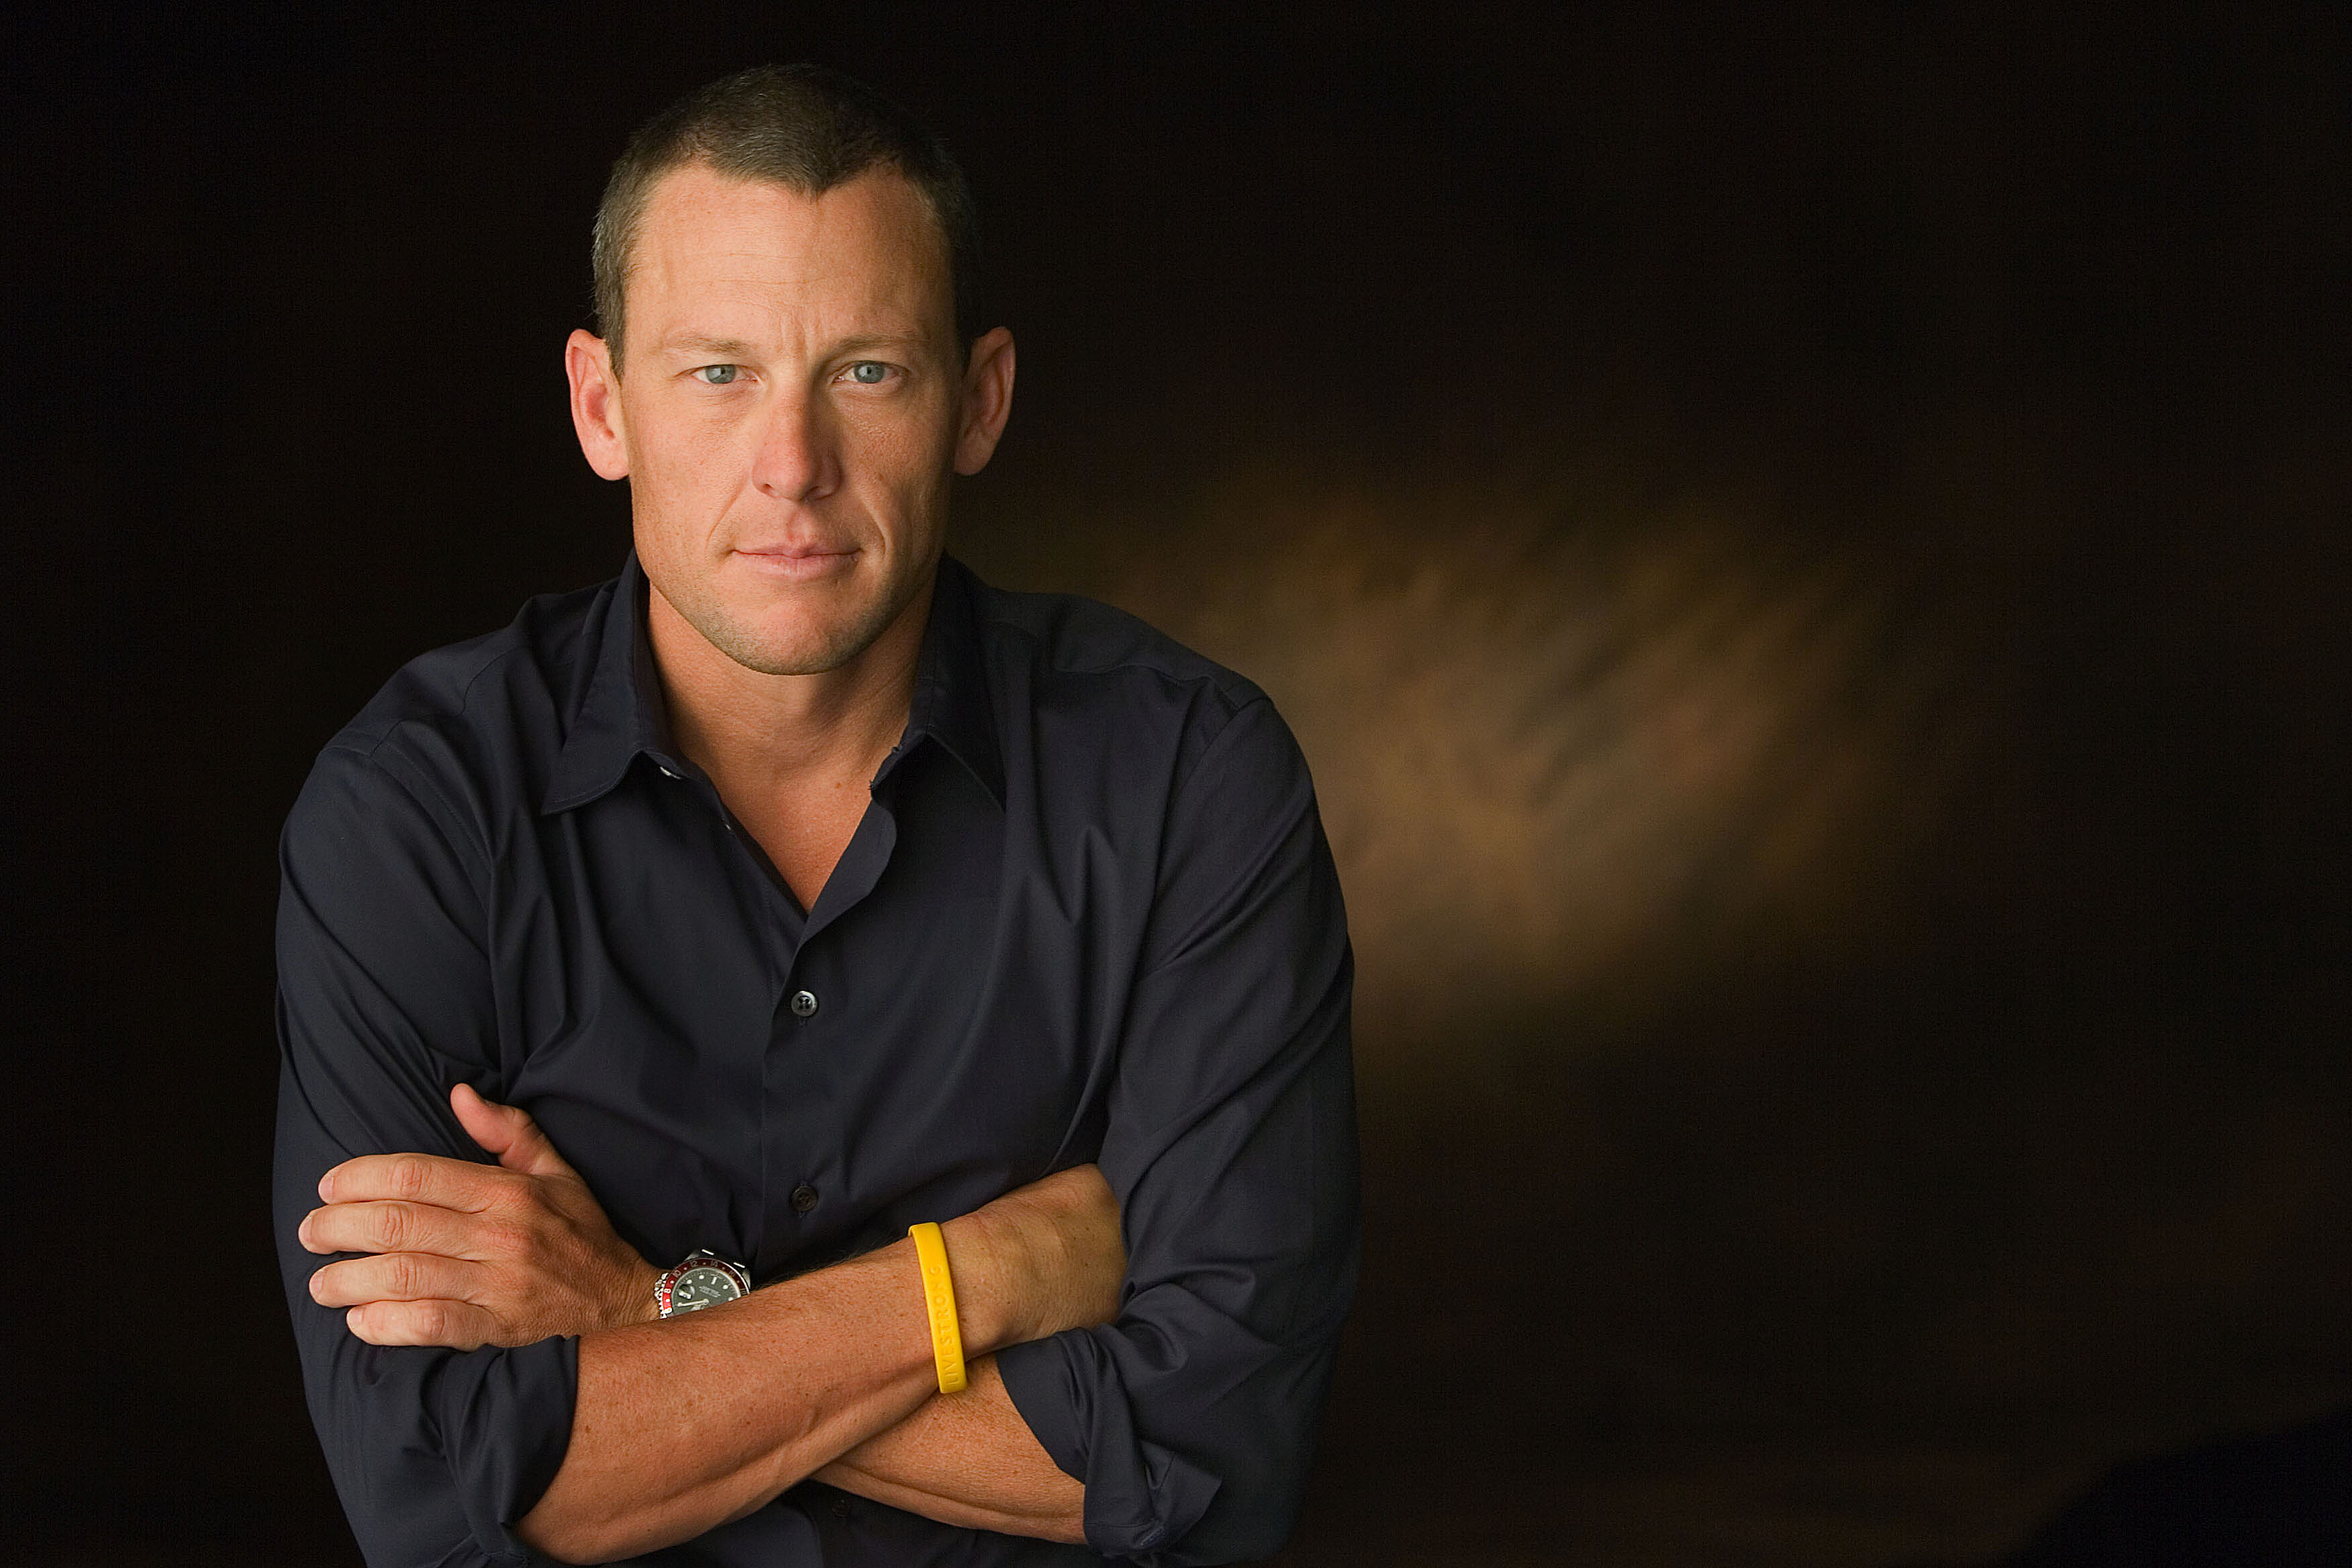 Лэнс Армстронг: «Не опускайте руки и не сдавайтесь!»